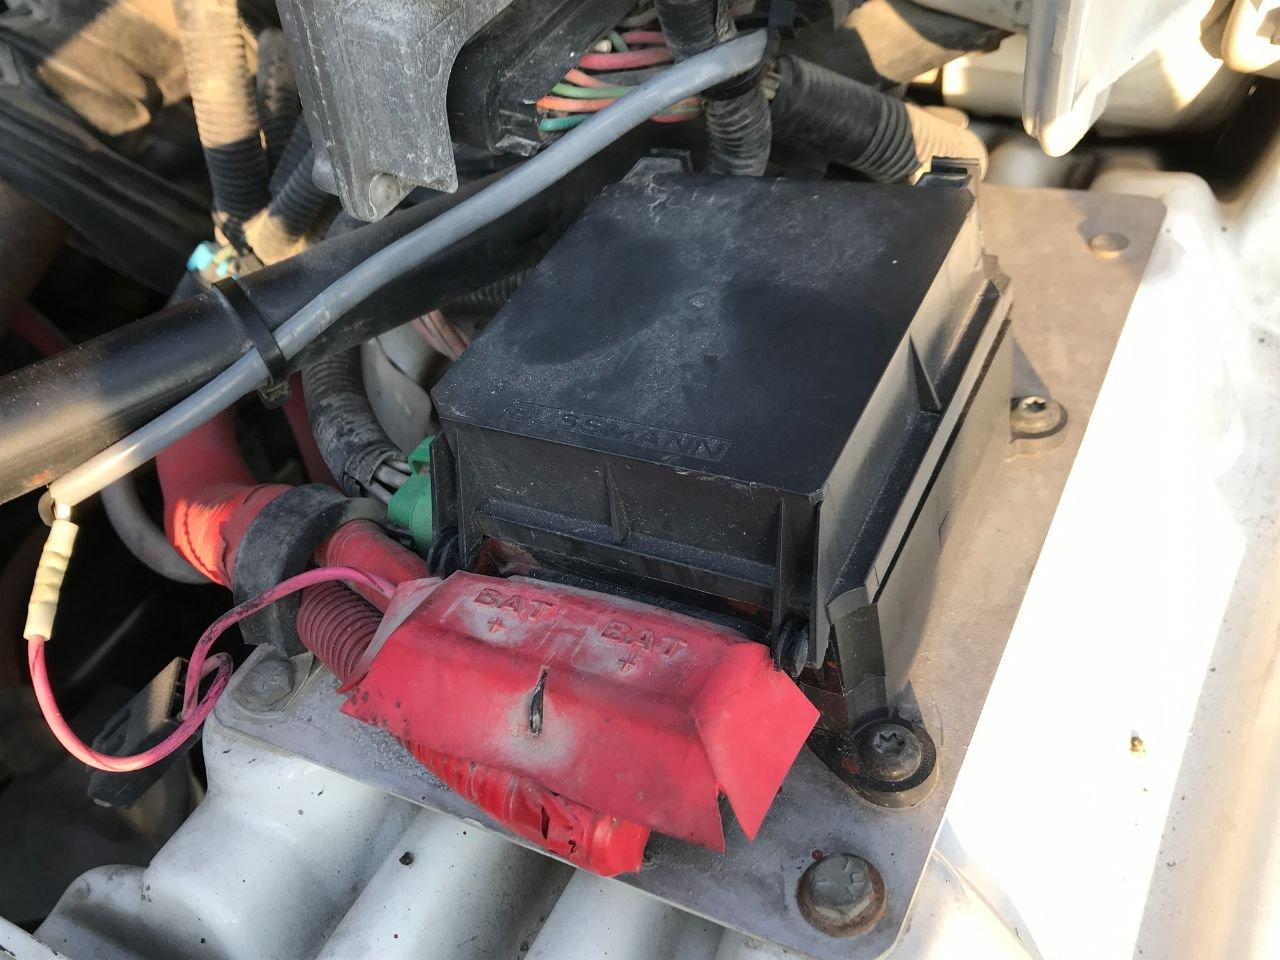 Freightliner M2 Fuse Box - Emg Pickups Wiring Schematics List Data Schematicsantuariomadredelbuonconsiglio.it